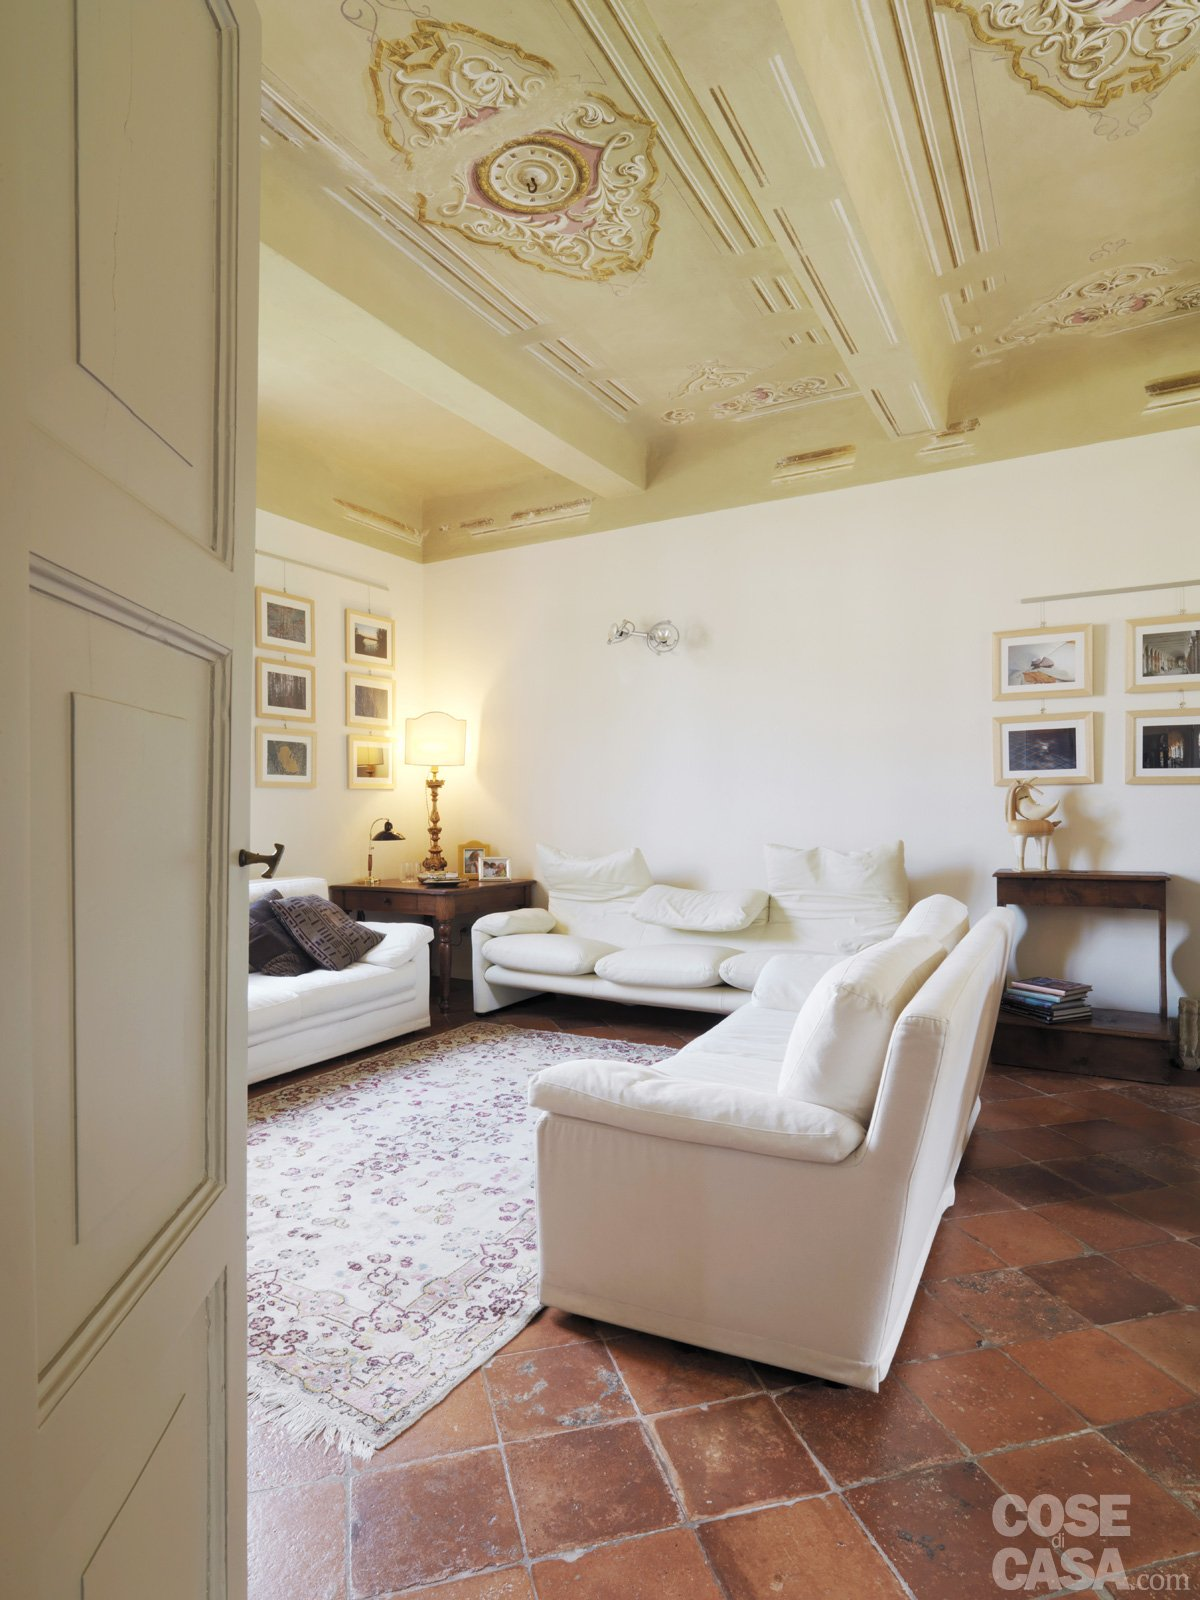 arredamento casa stile contemporaneo: arredare casa. - Arredamento Classico Fiorentino